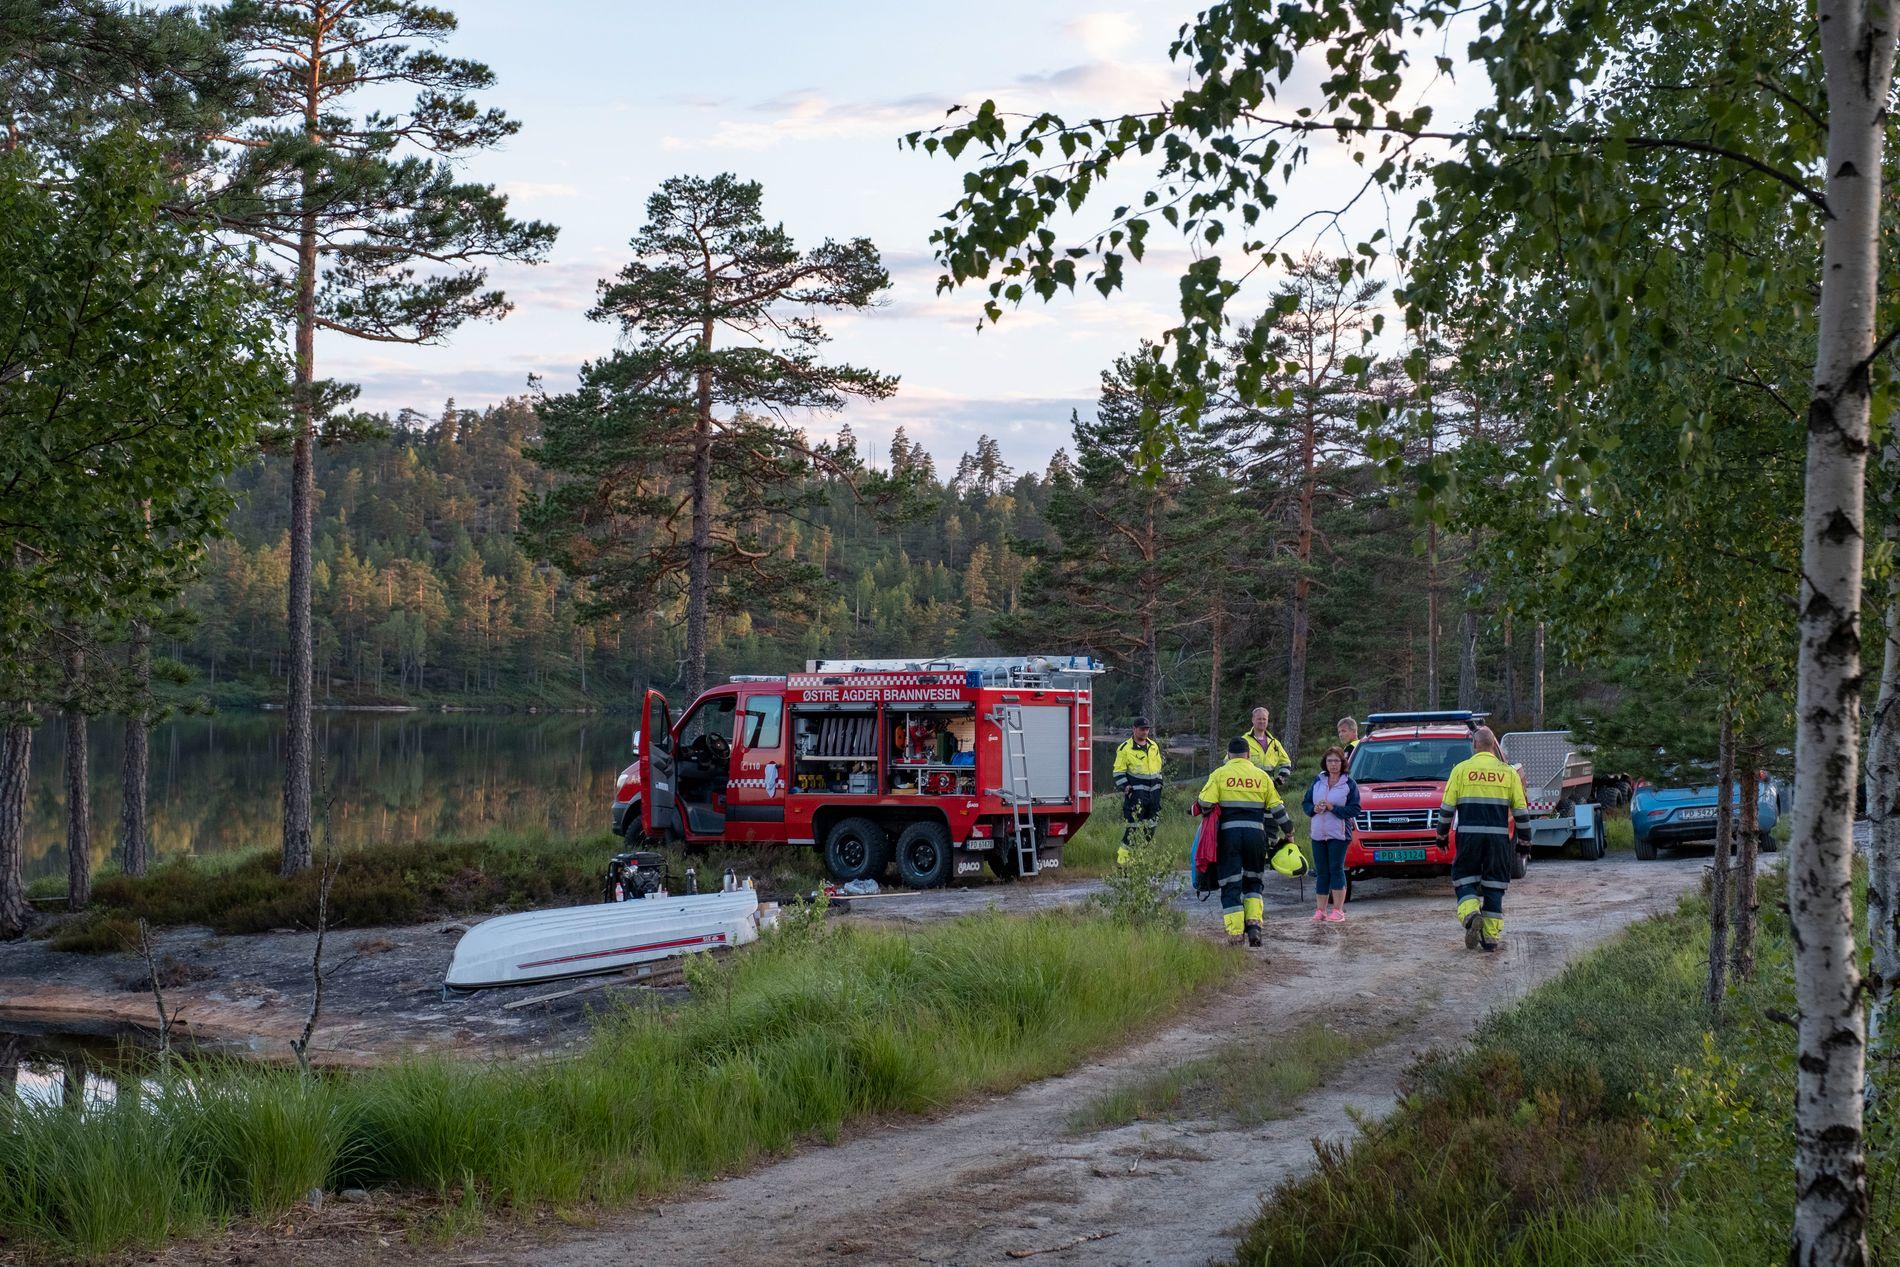 KONTROLL OVER SKOGBRANNENE: Brannmannskaper har onsdag kontroll over de mange skogbrannene som har herjet i Sør-Norge de siste dagene. Her fra Ytre Lauvrak i Froland kommune i Aust-Agder.